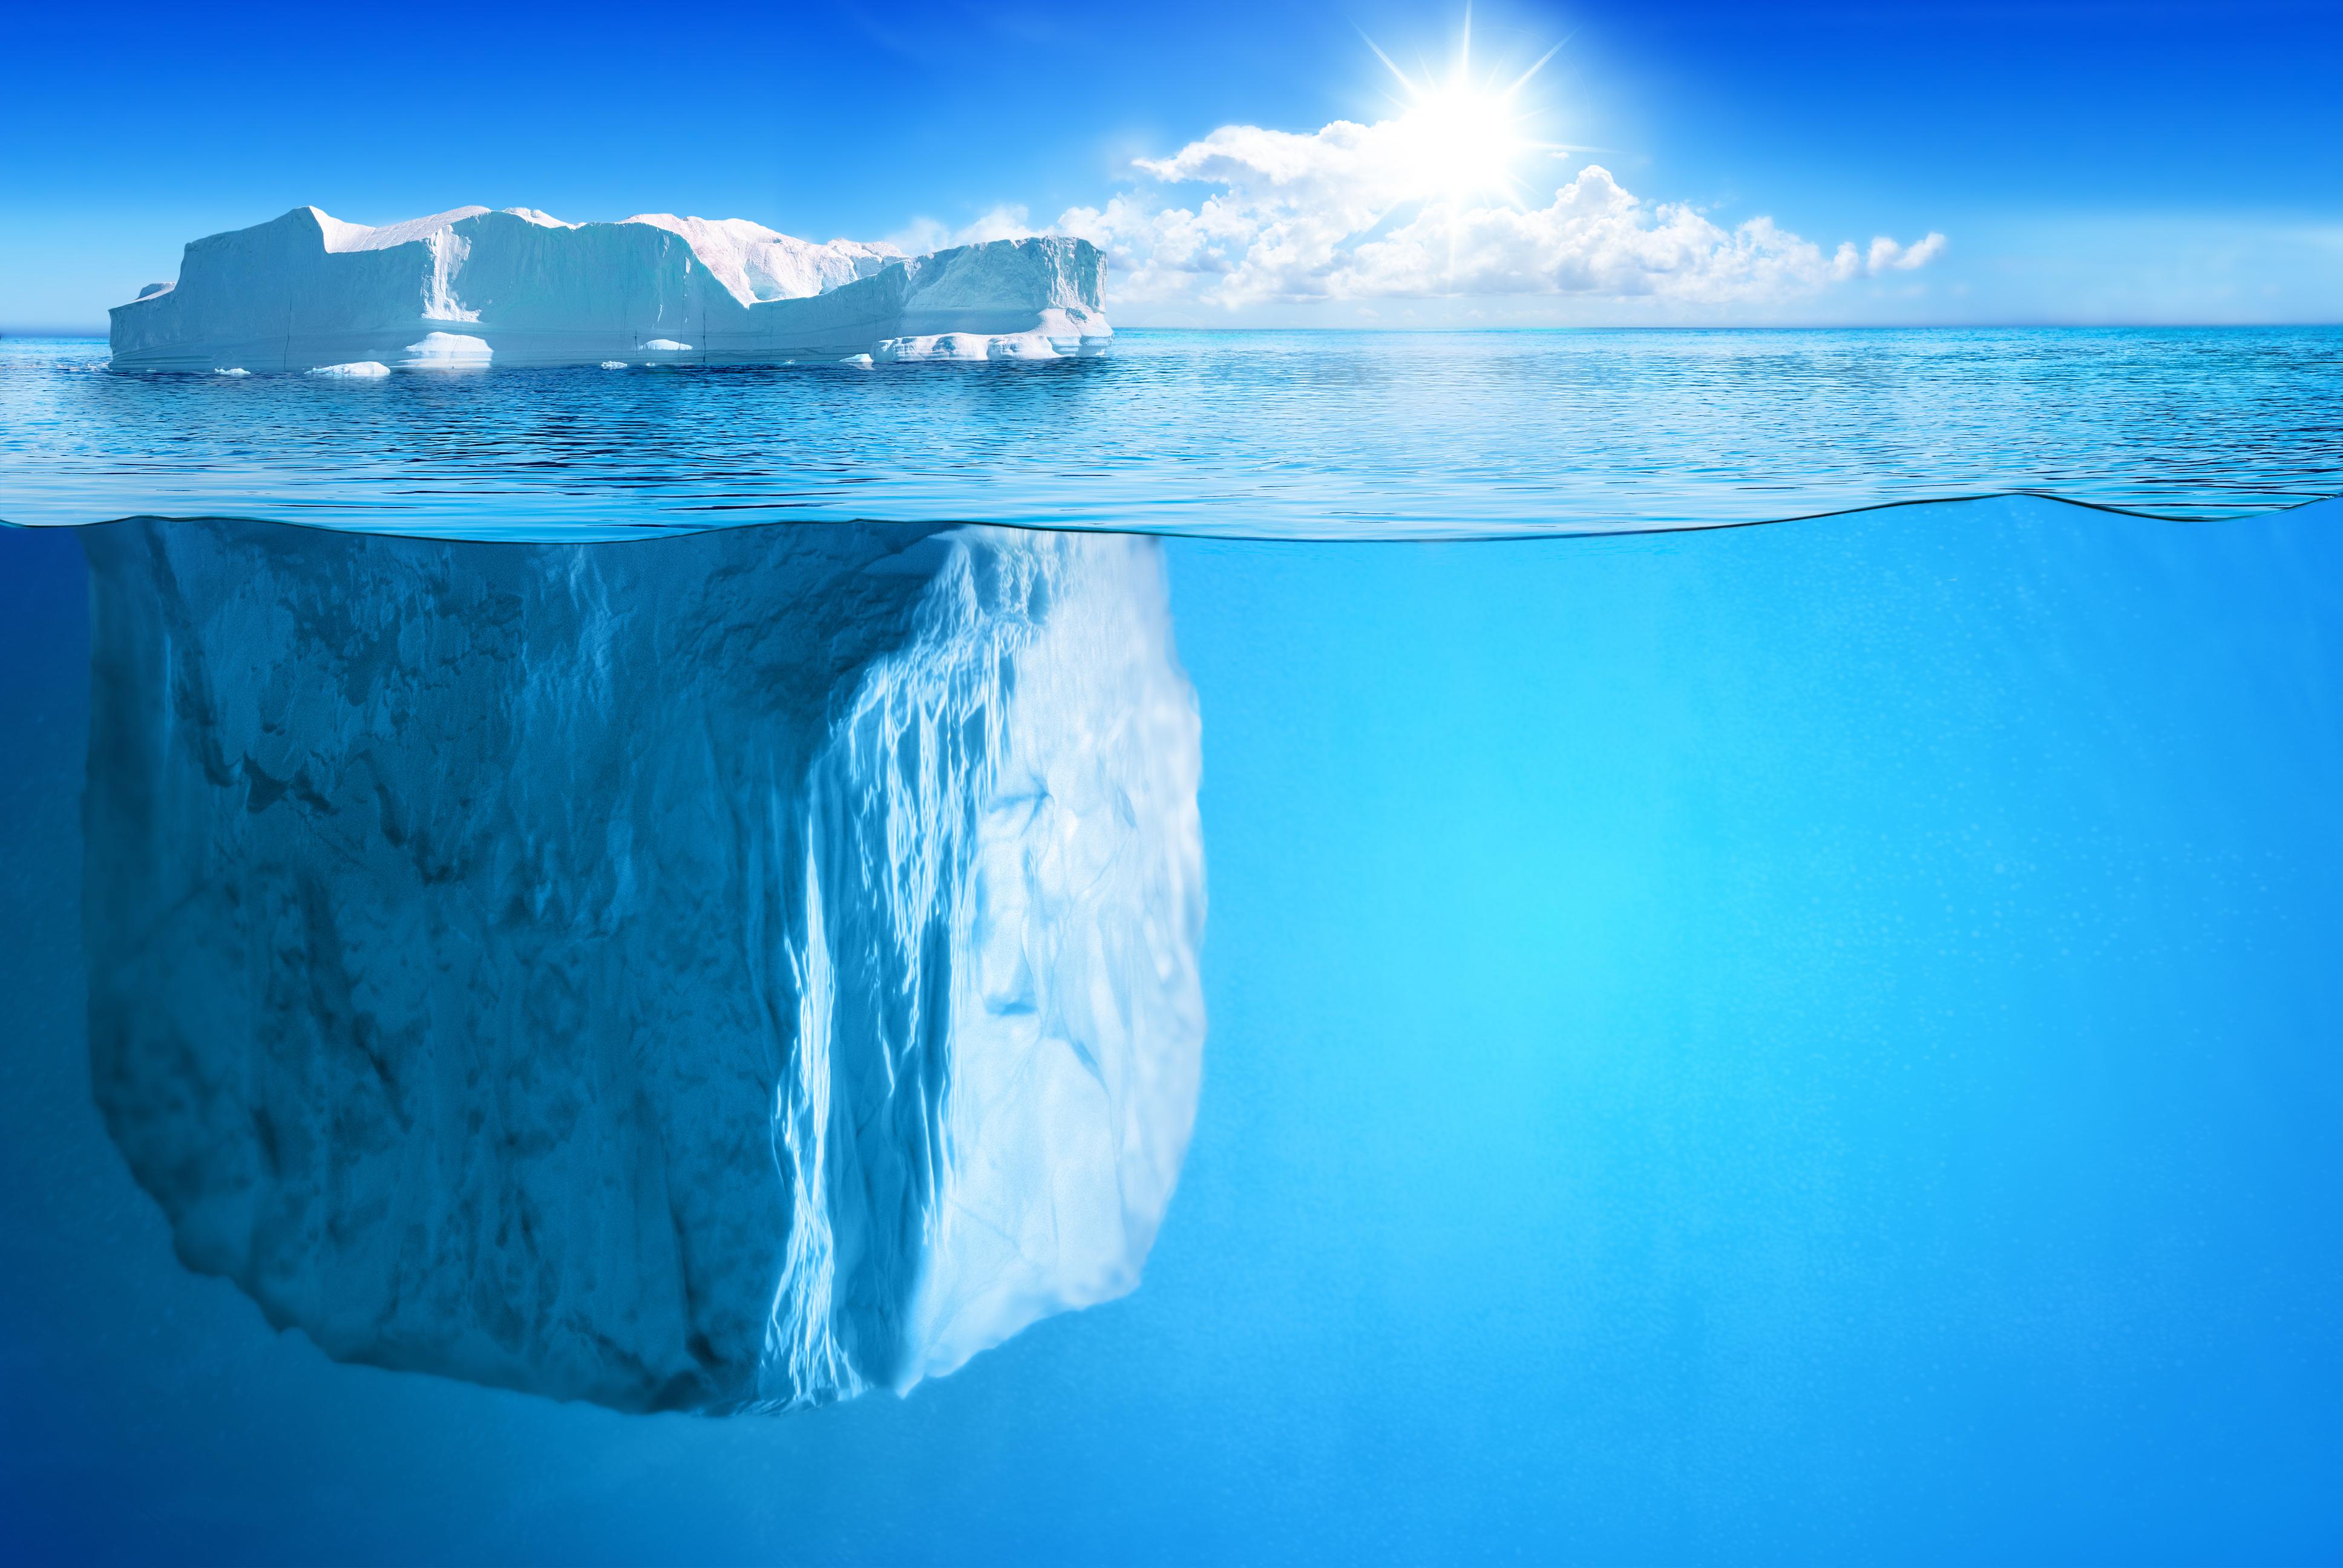 Iceberg Fondos De Pantalla Fondos De Escritorio